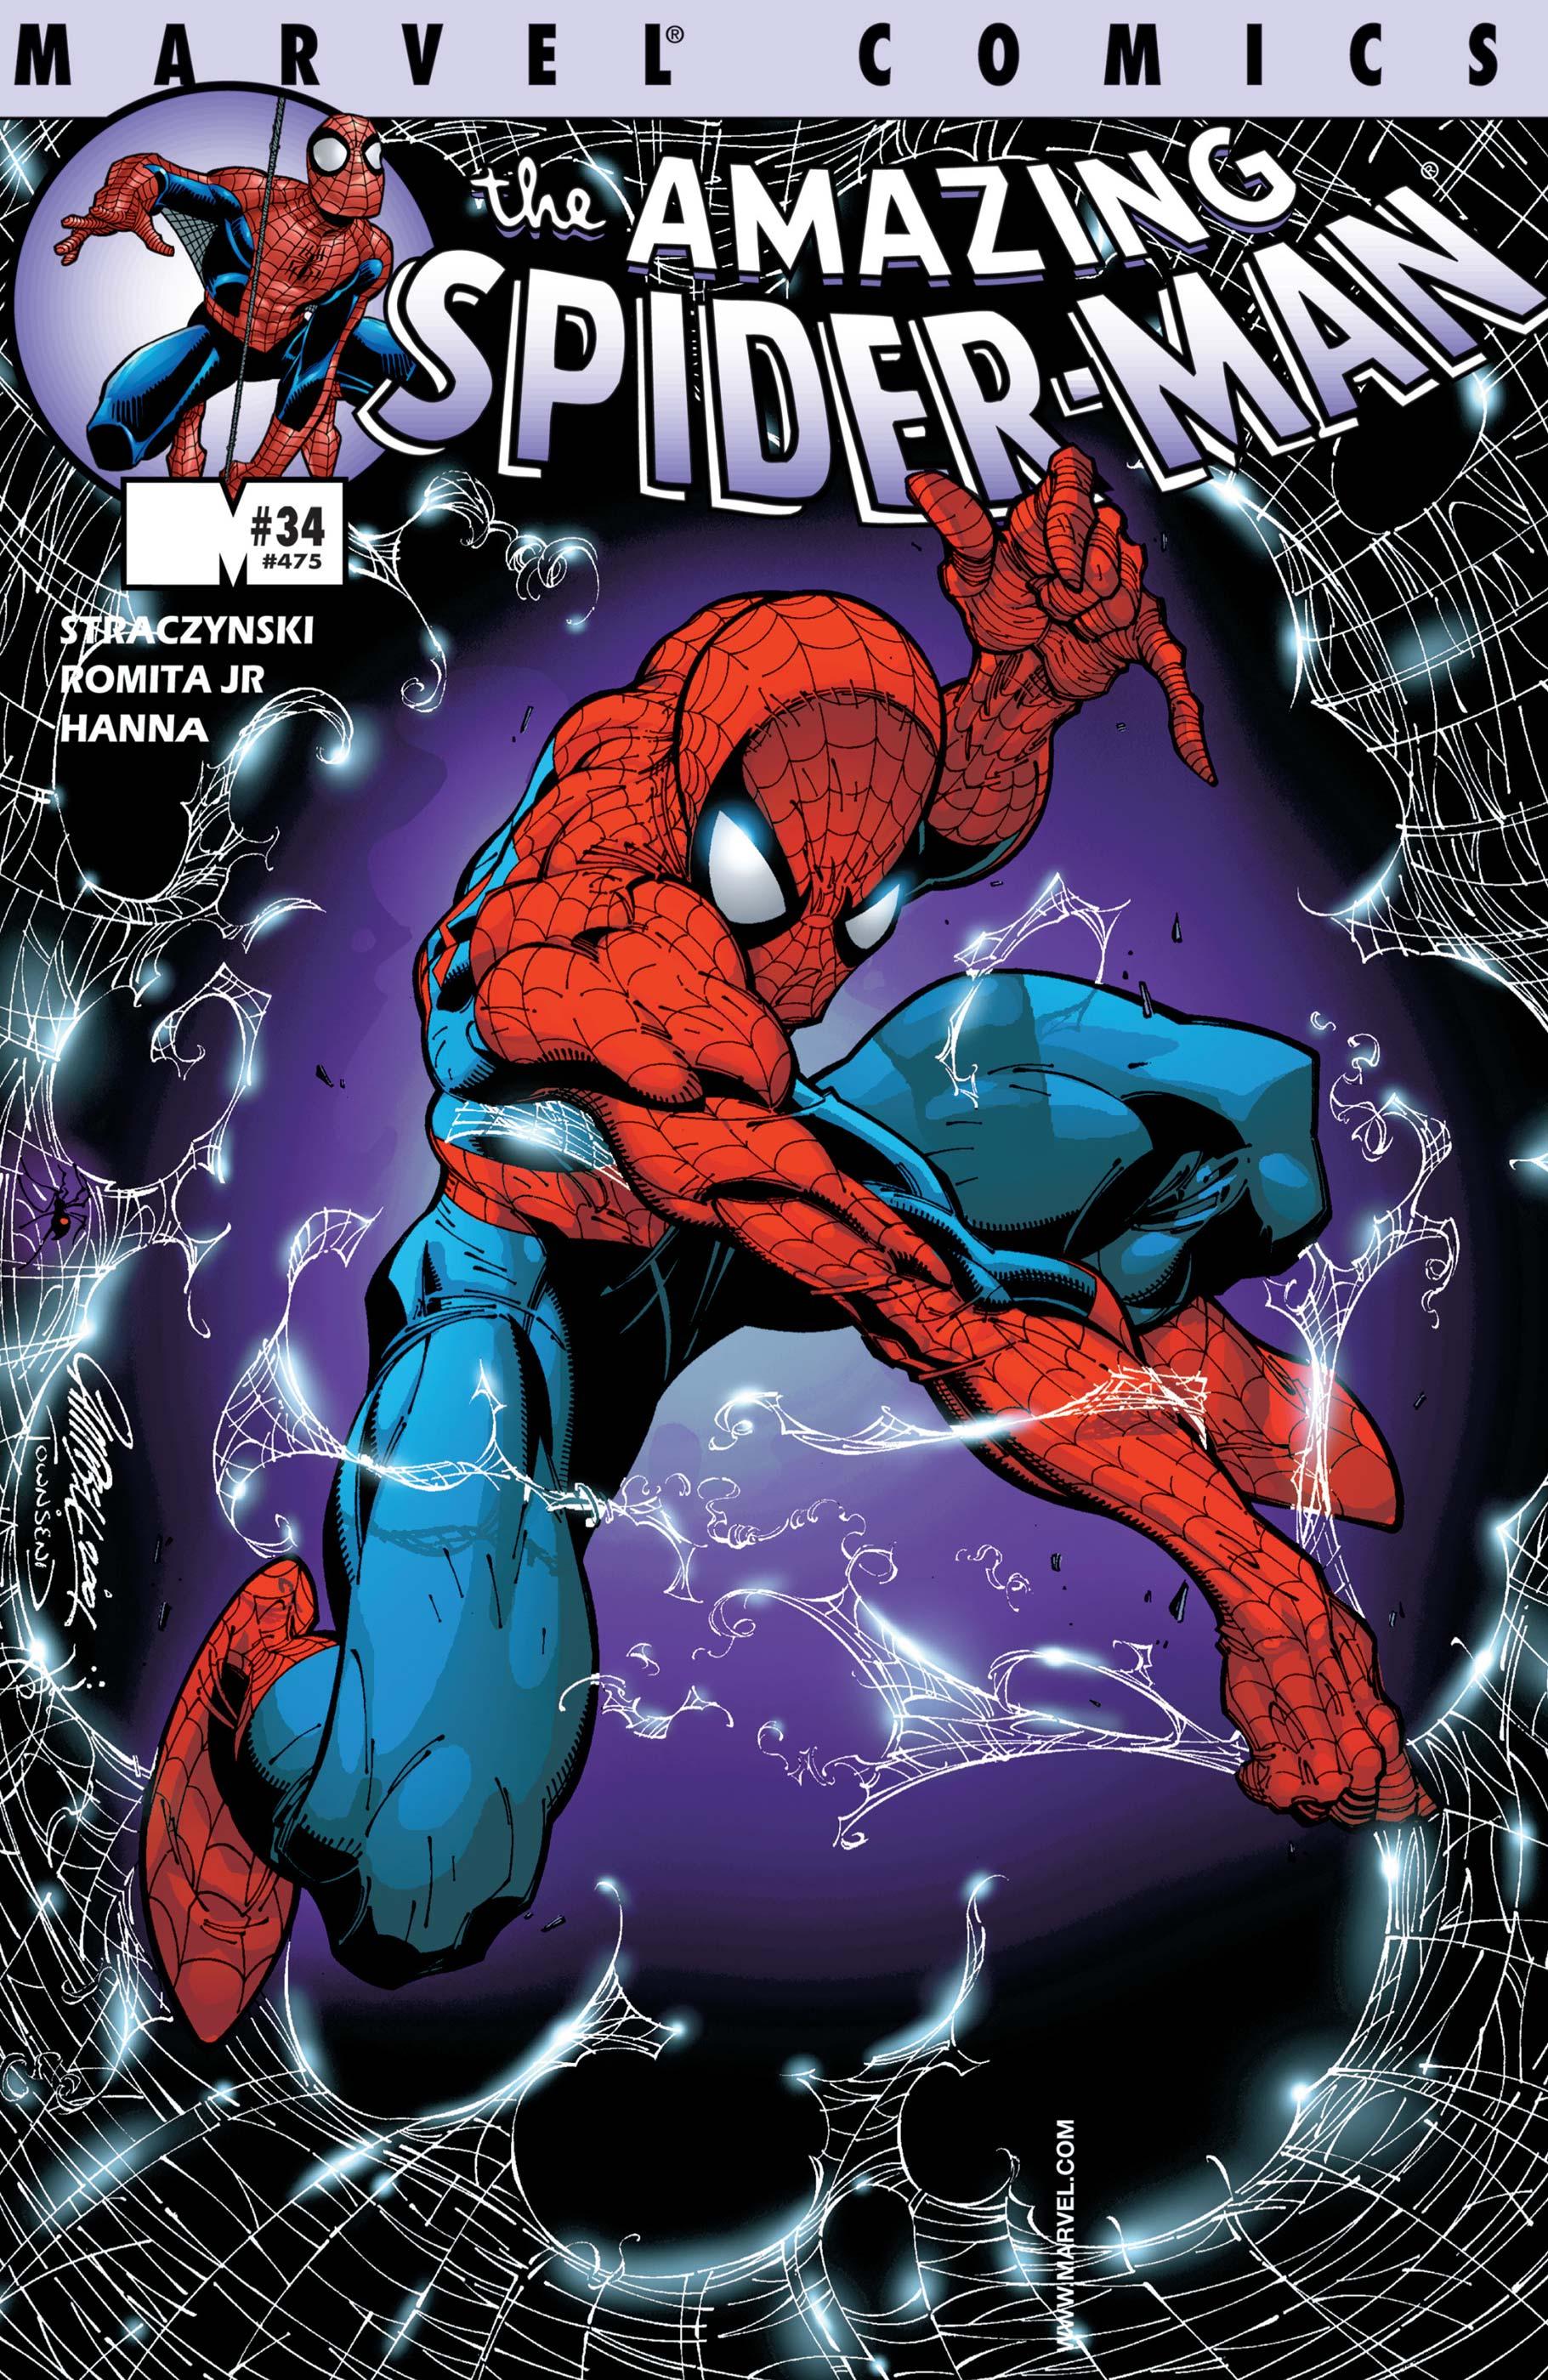 Amazing Spider-Man (1999) #34